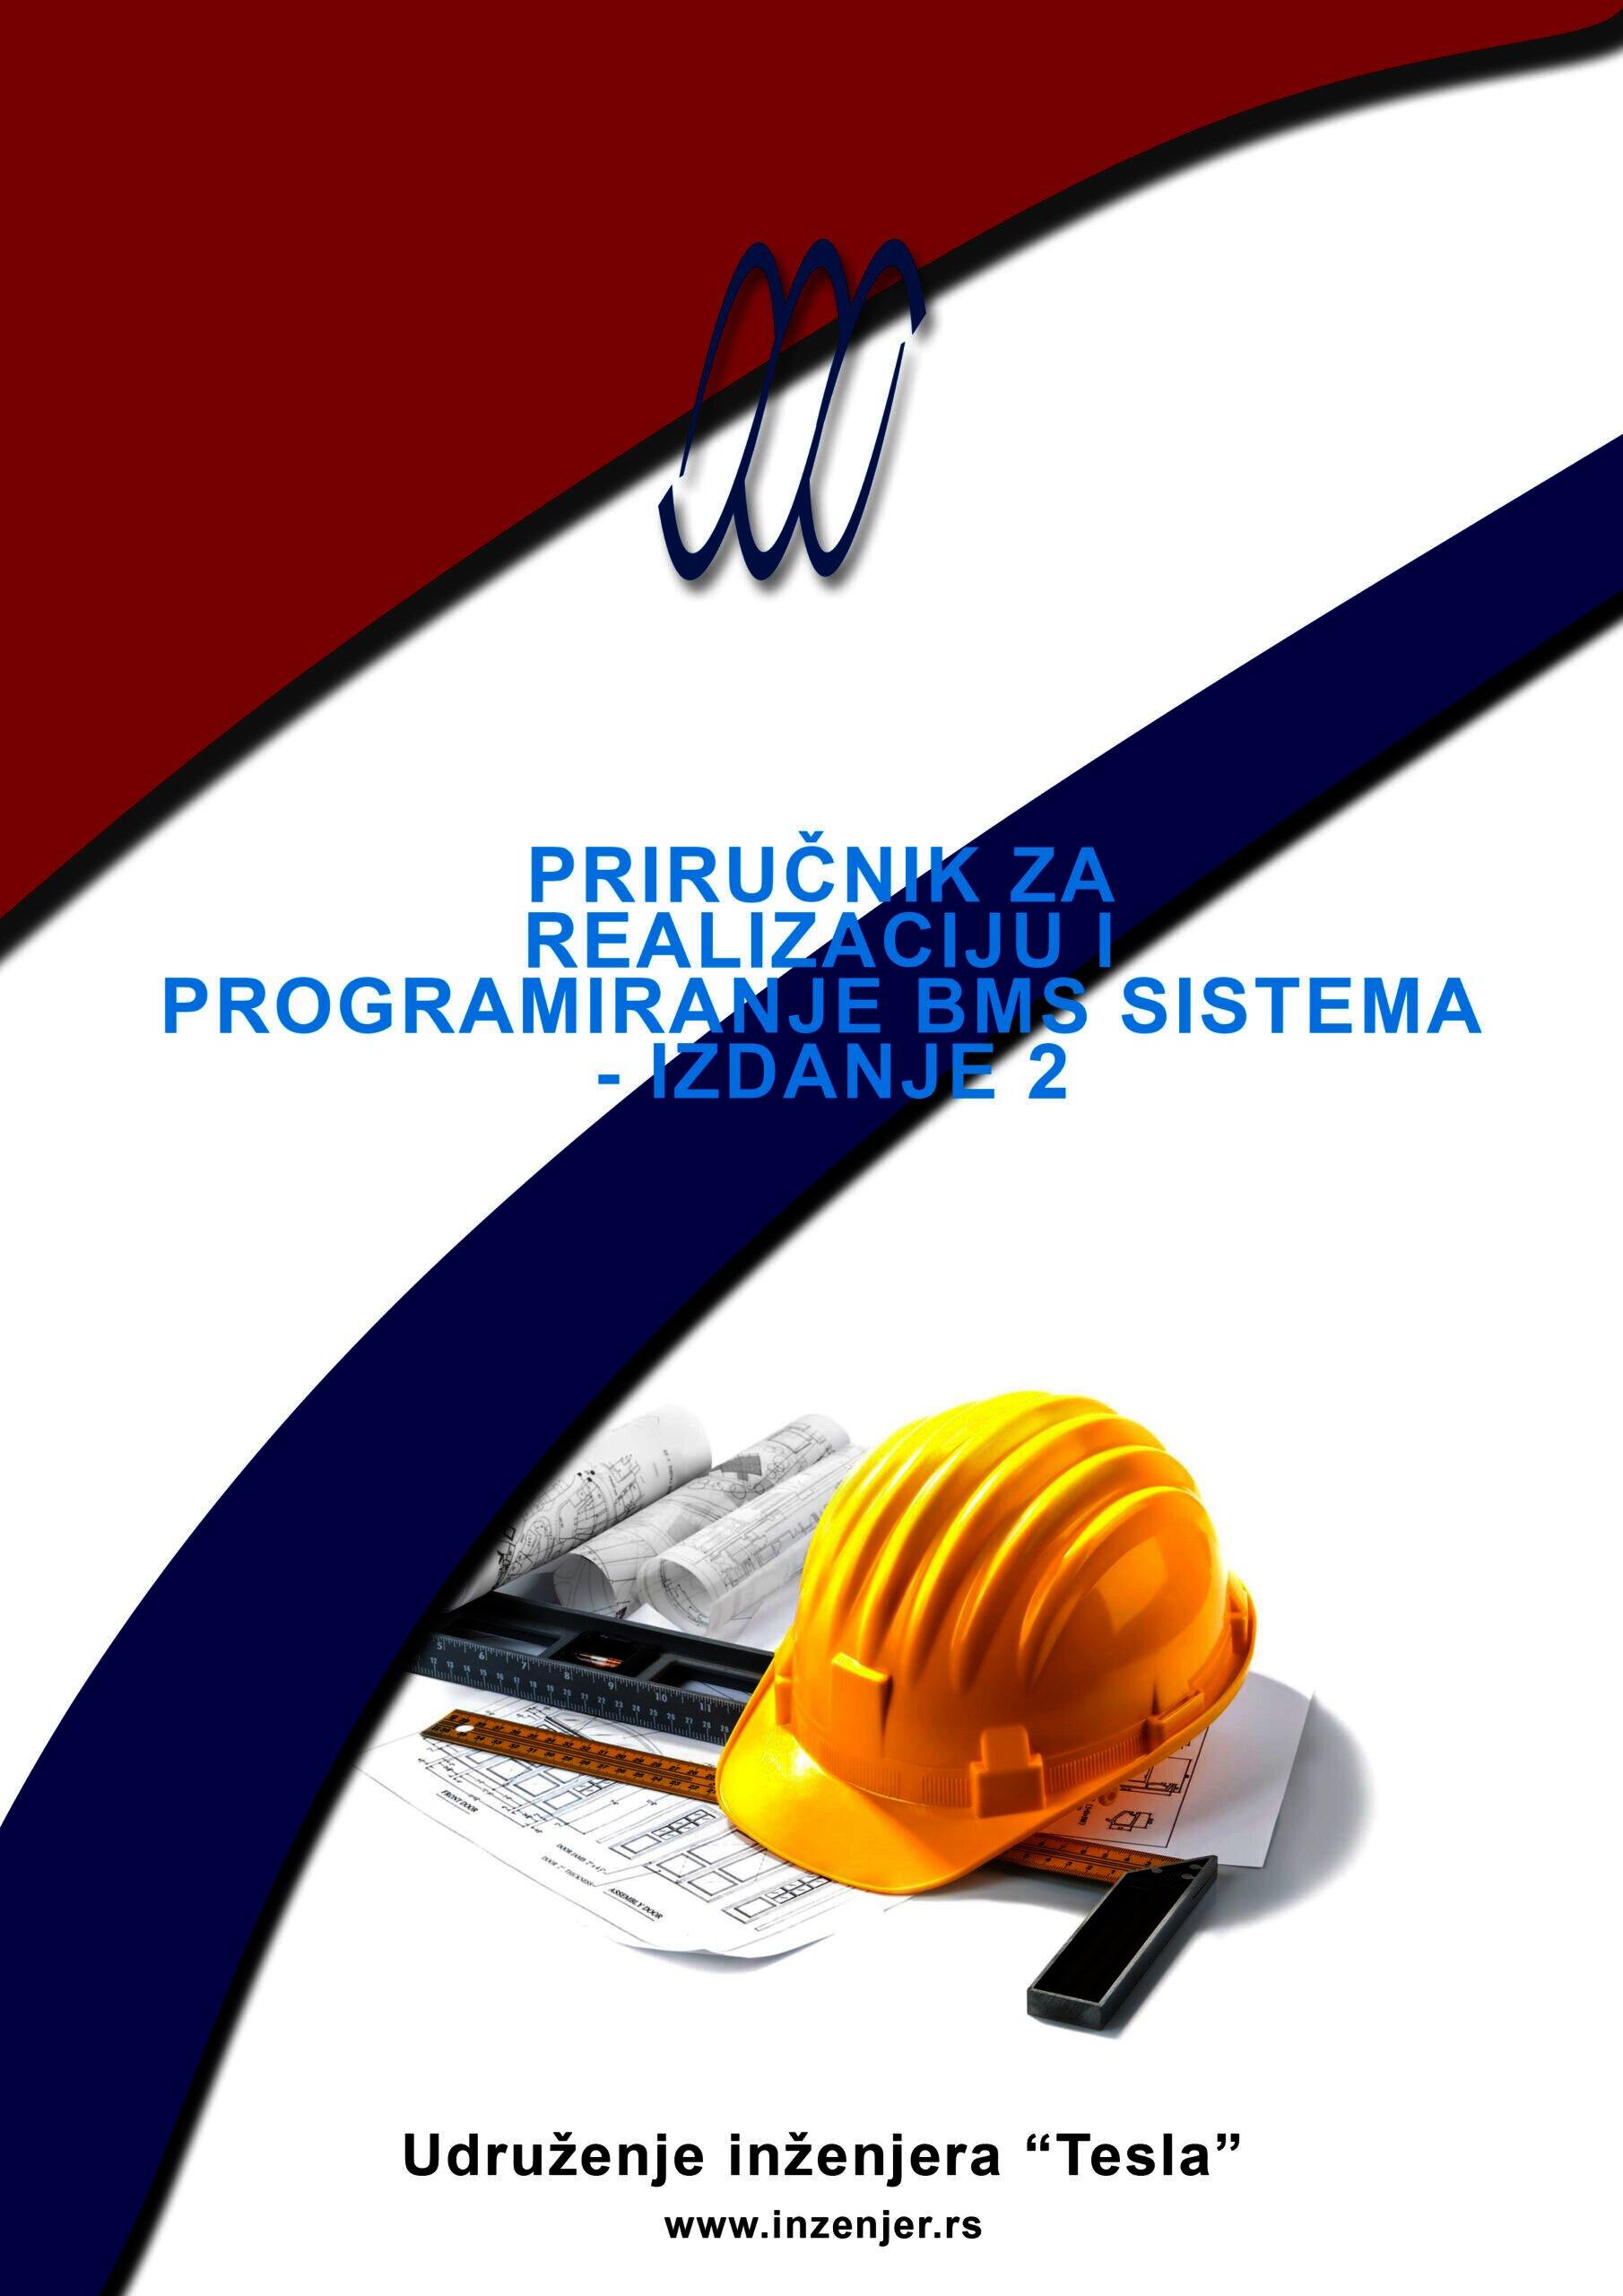 Priručnik za realizaciju i programiranje BMS sistema - izdanje 2